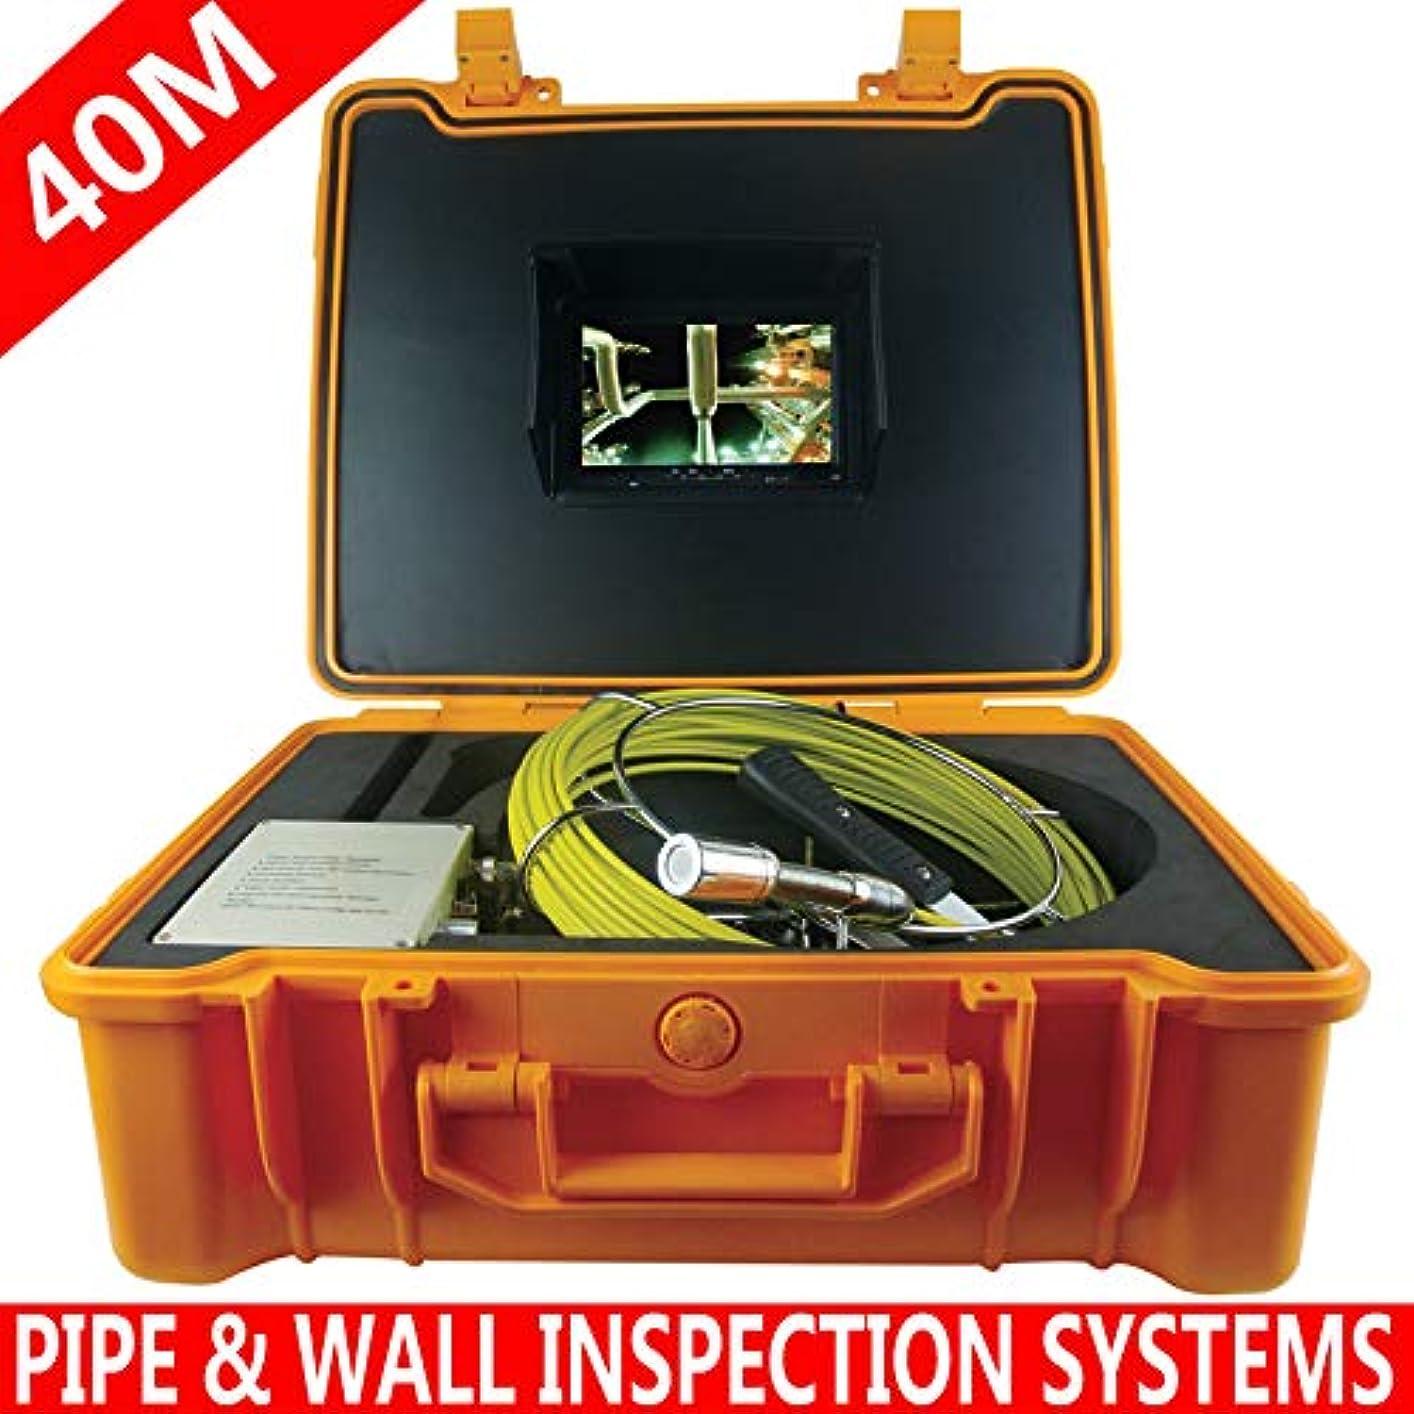 身元破産かけがえのない管の点検システム40M防水管/壁の下水道のヘビの点検カメラシステム7